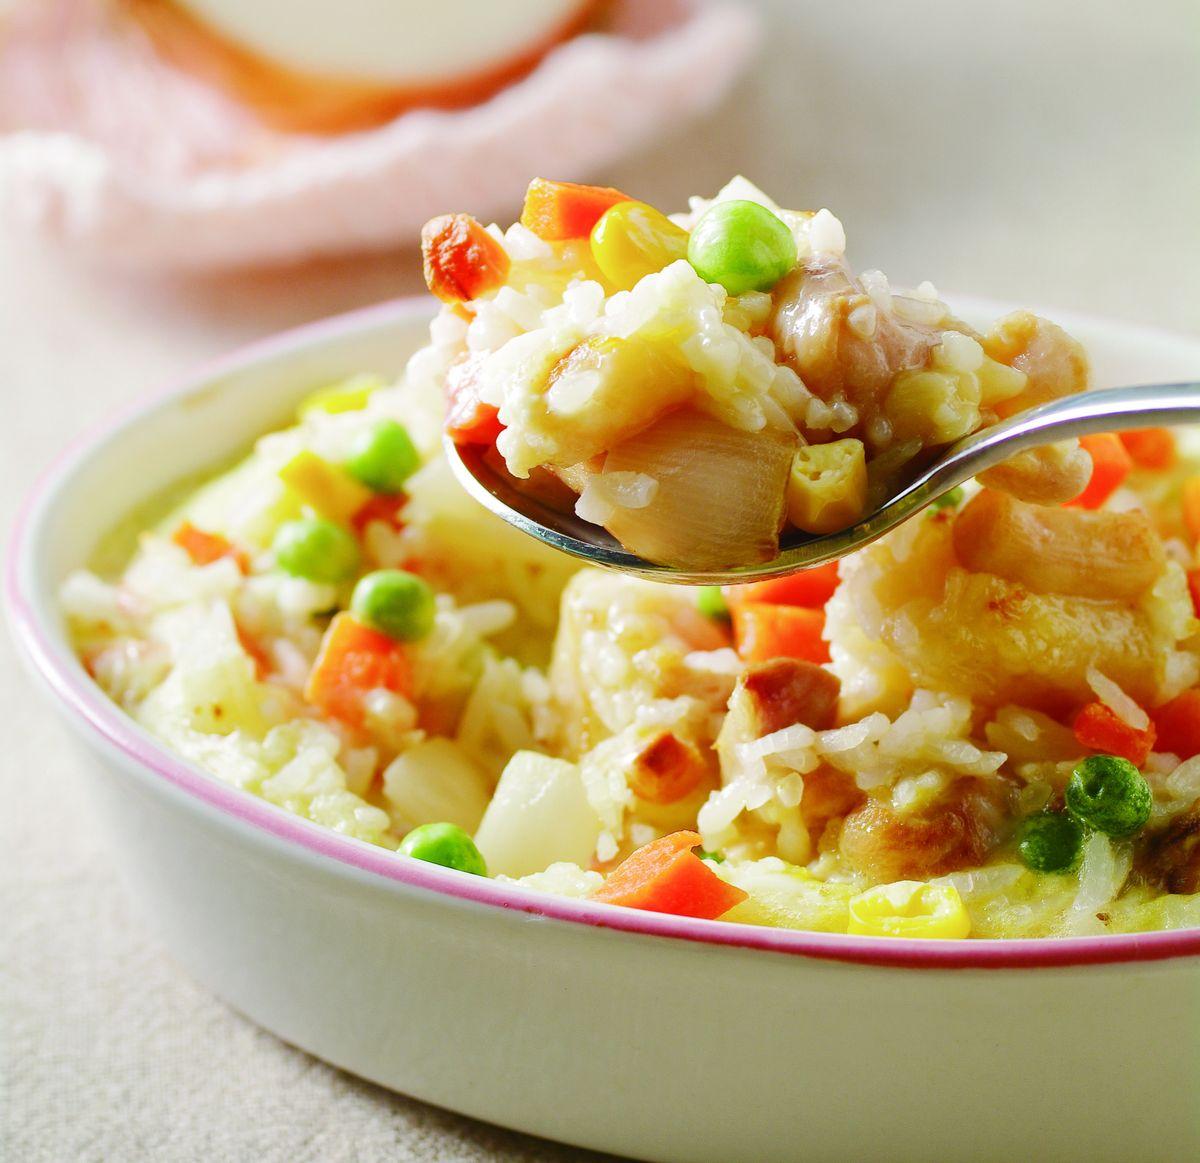 食譜:親子雞肉焗飯